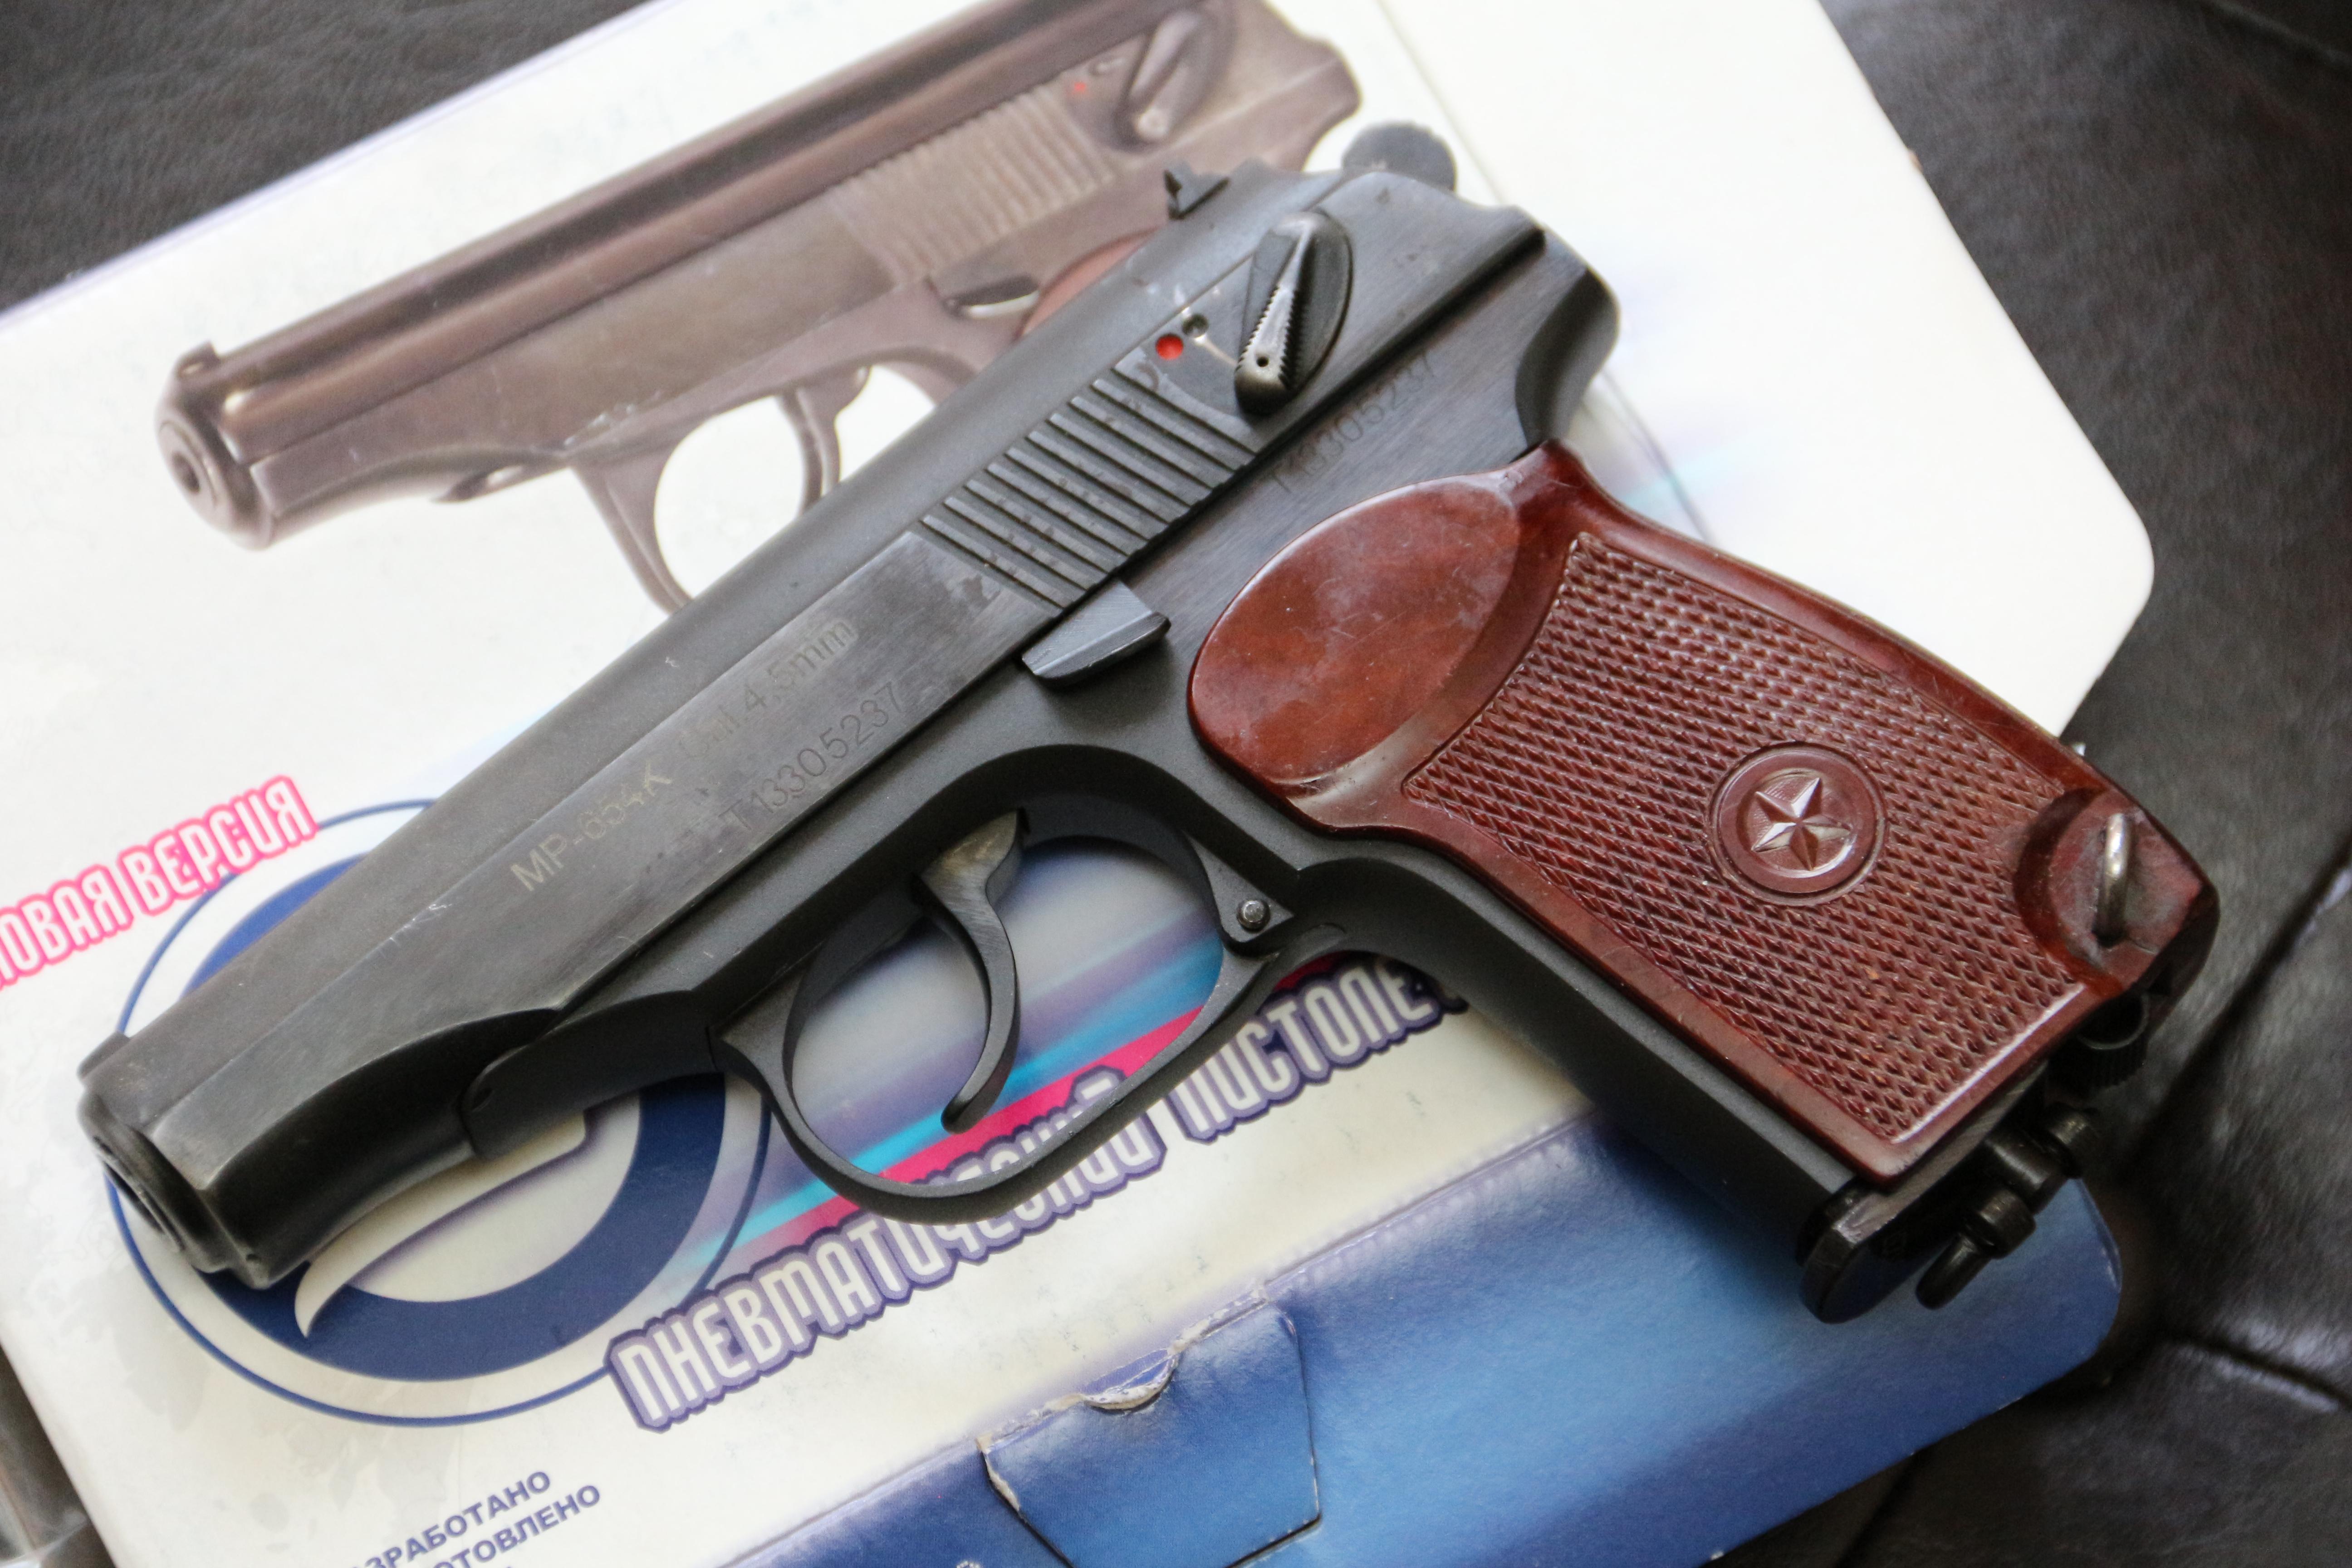 Фото Пневматический пистолет Макарова мр-654к, на прямой рамке, новый